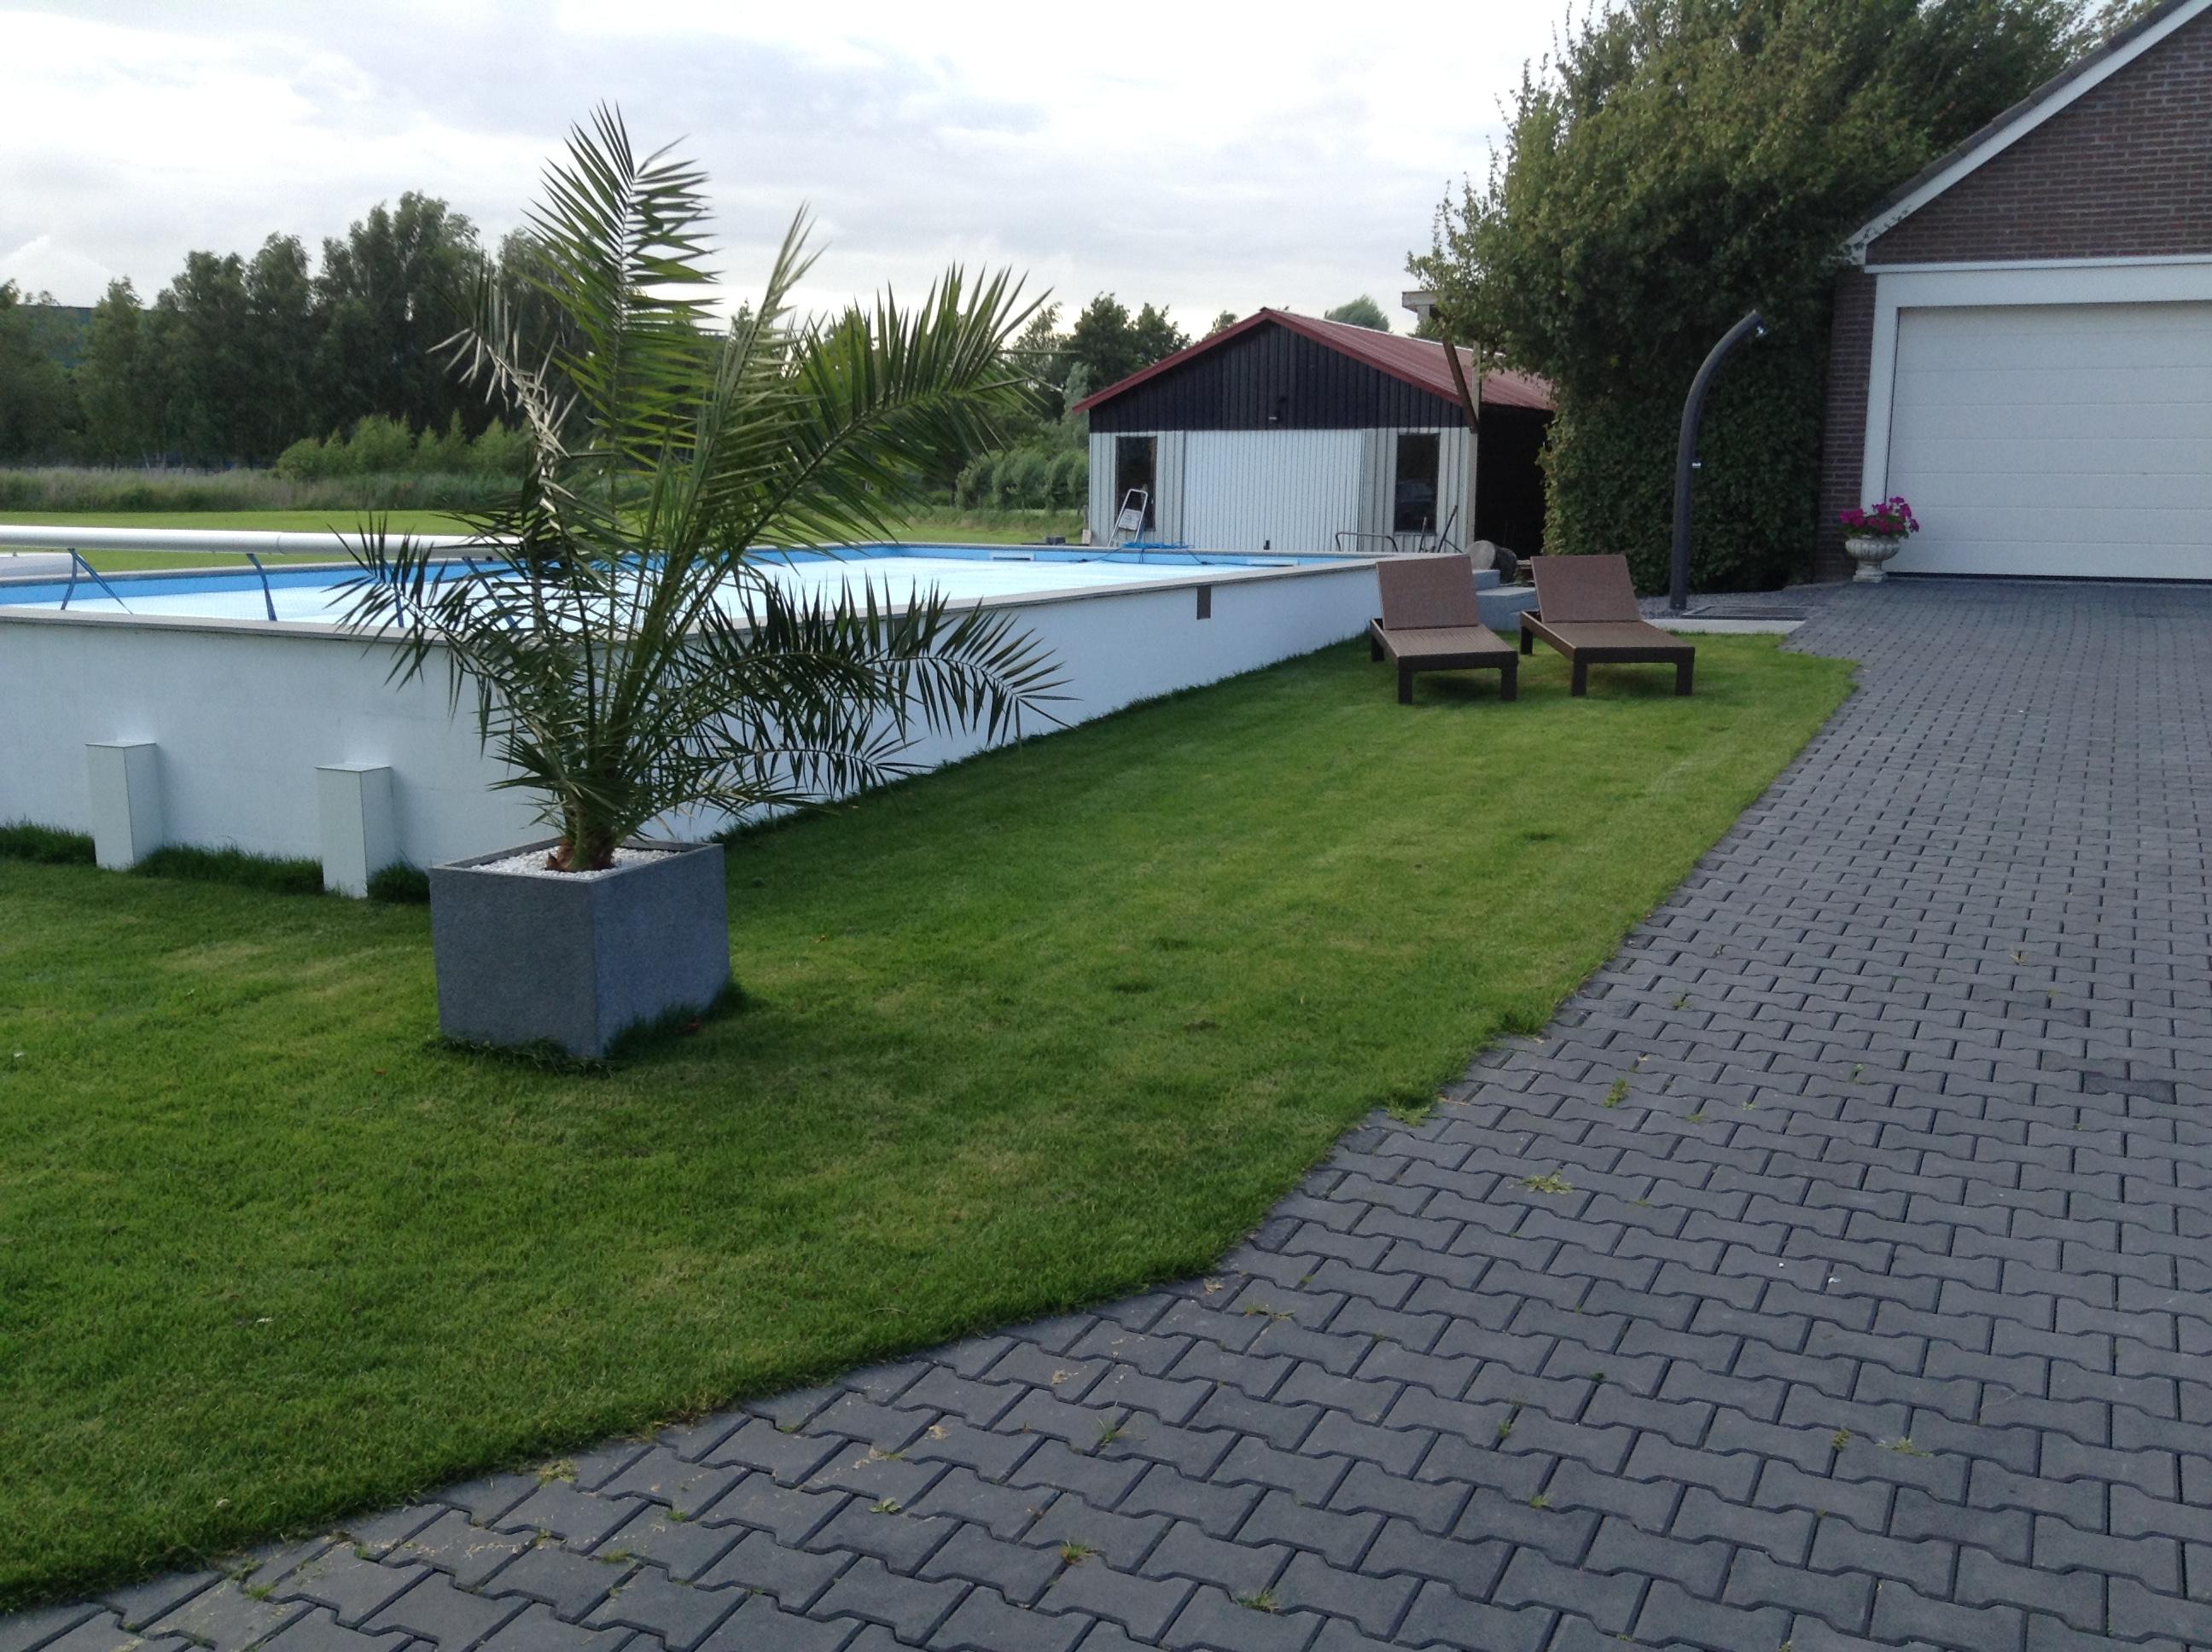 Hans zwembad forumzwembad forum for Zelf zwembad aanleggen kostprijs